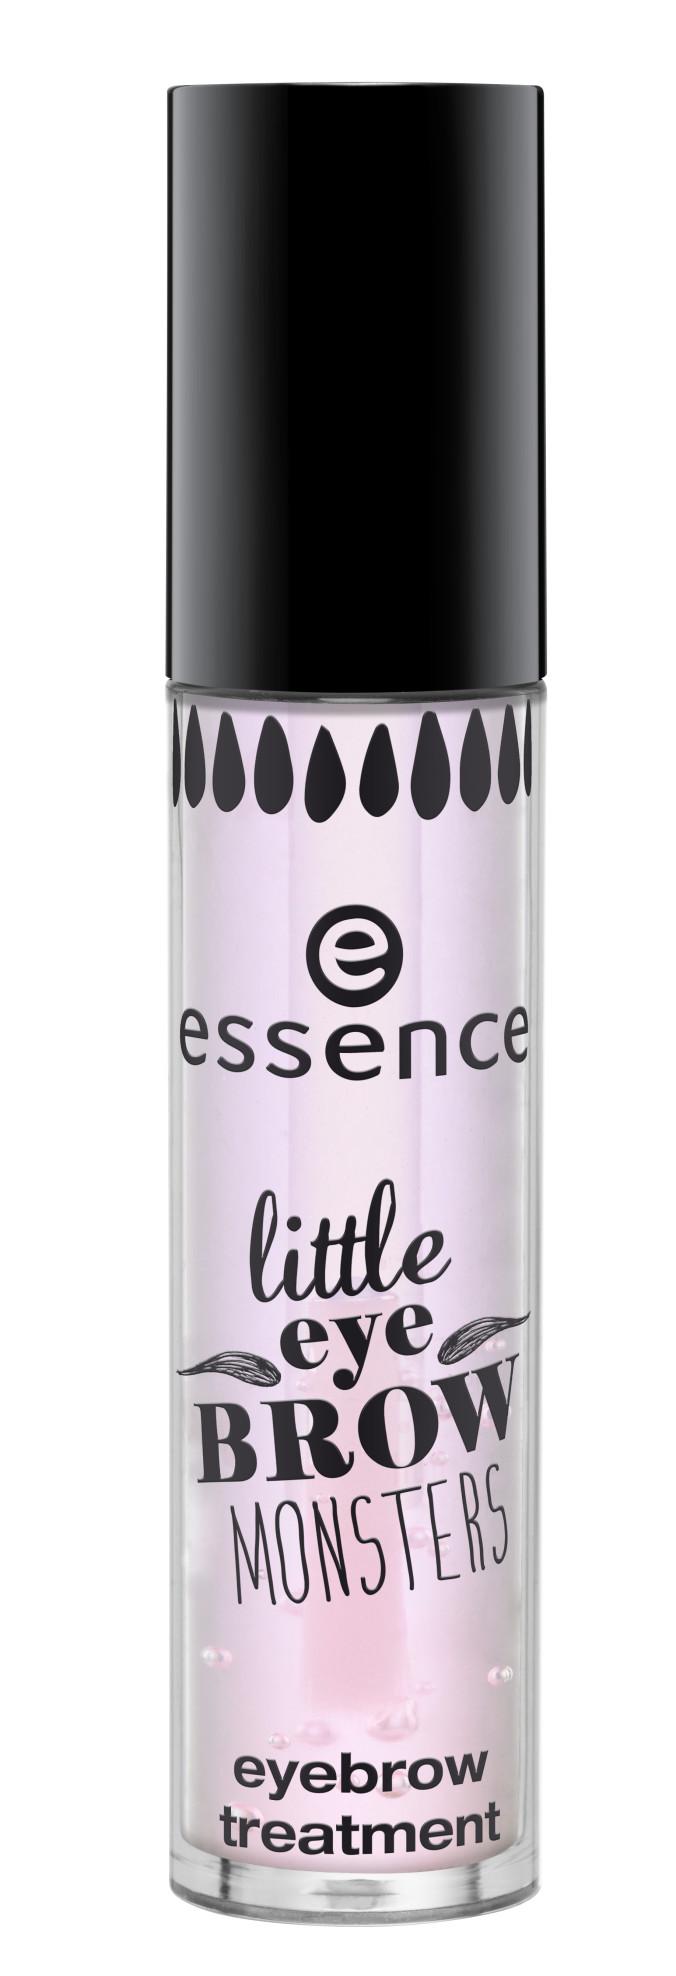 essence little eyebrow monsters eyebrow treatment